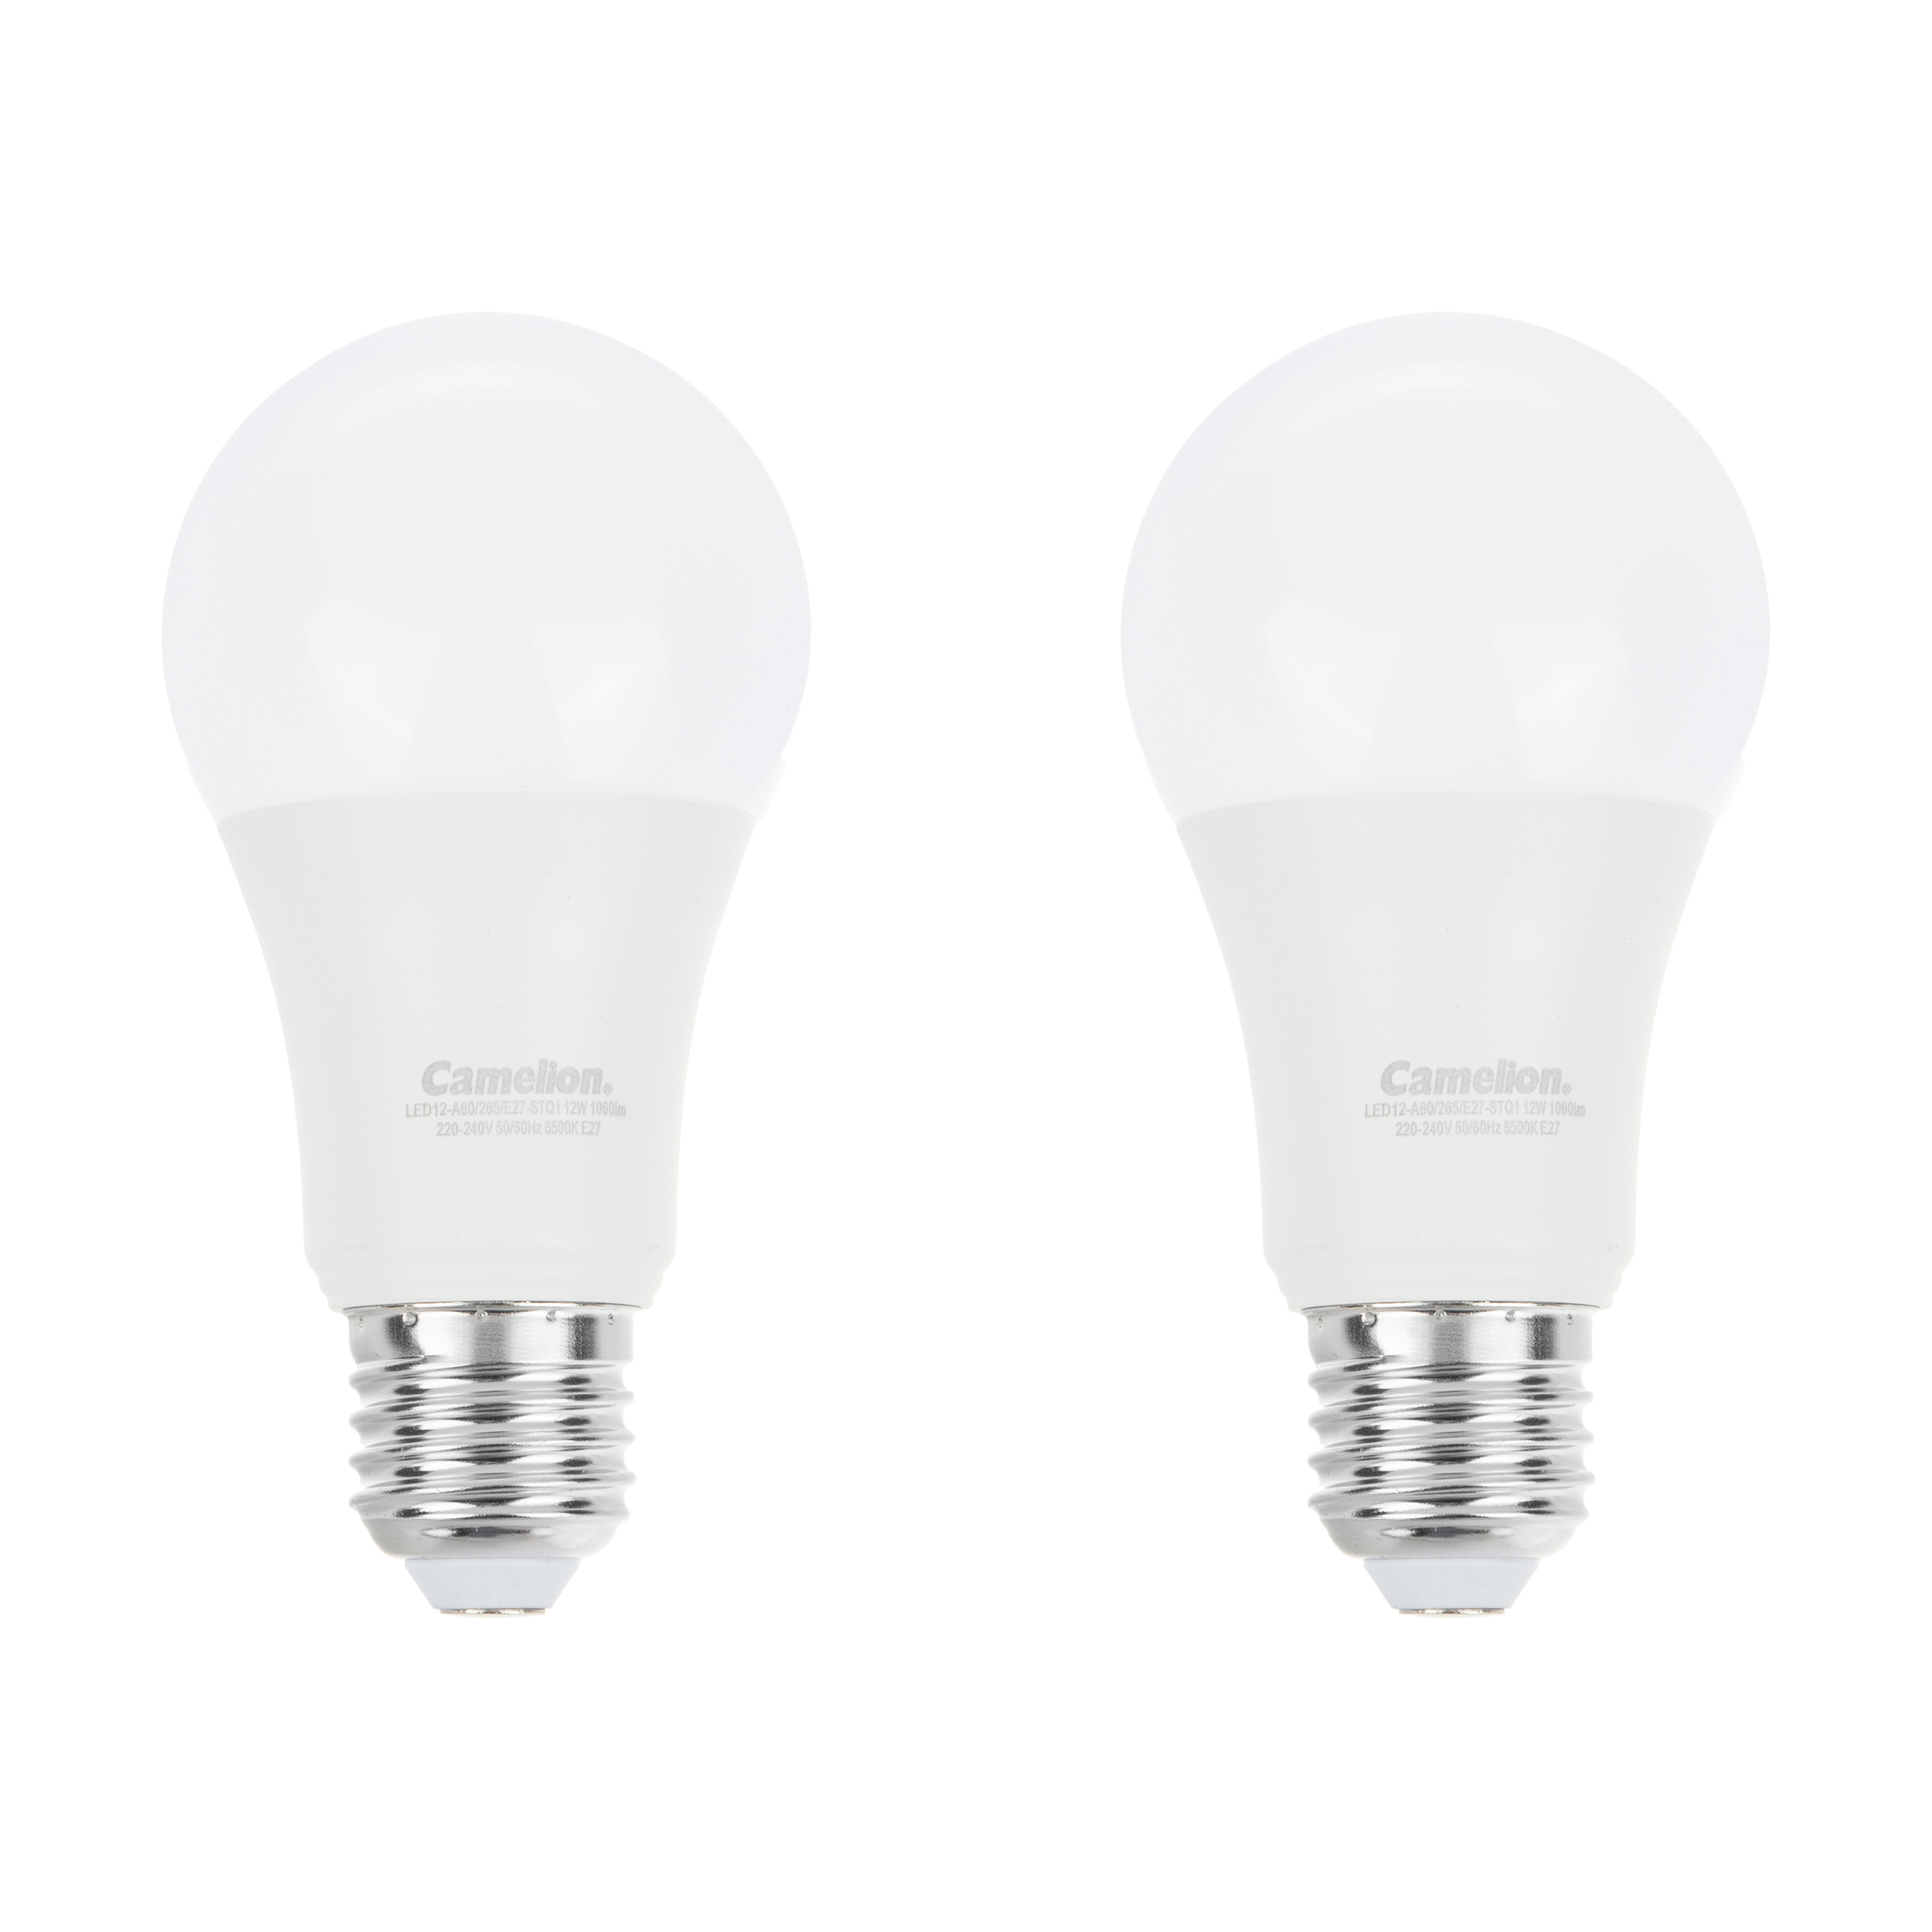 لامپ ال ای دی 12 وات کملیون مدل STQ1 پایه E27 بسته 2 عددی